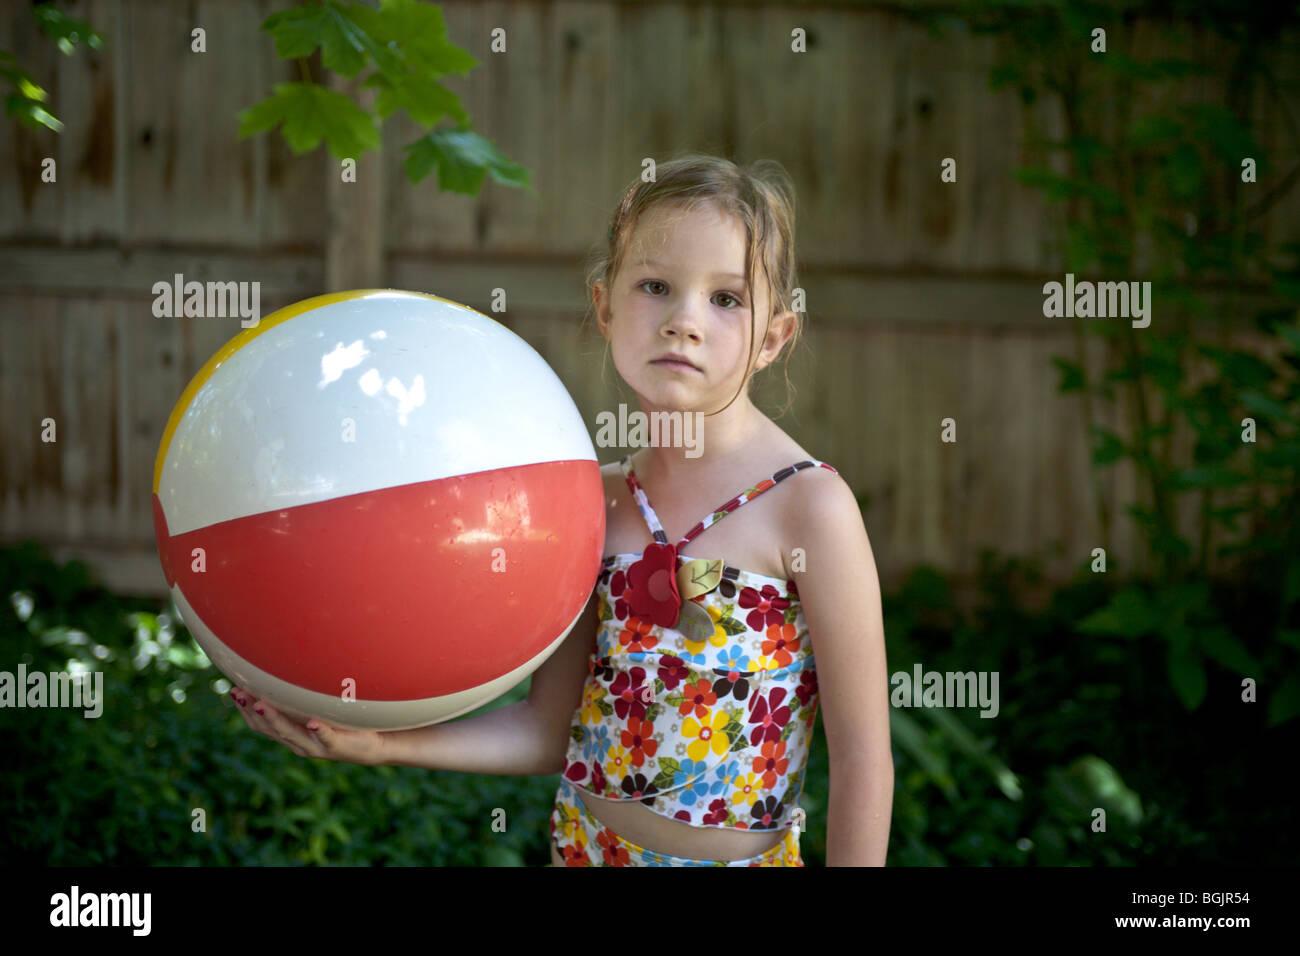 gelangweilt junges Mädchen mit Beach Ball tragen einen Badeanzug im Sommer Stockbild